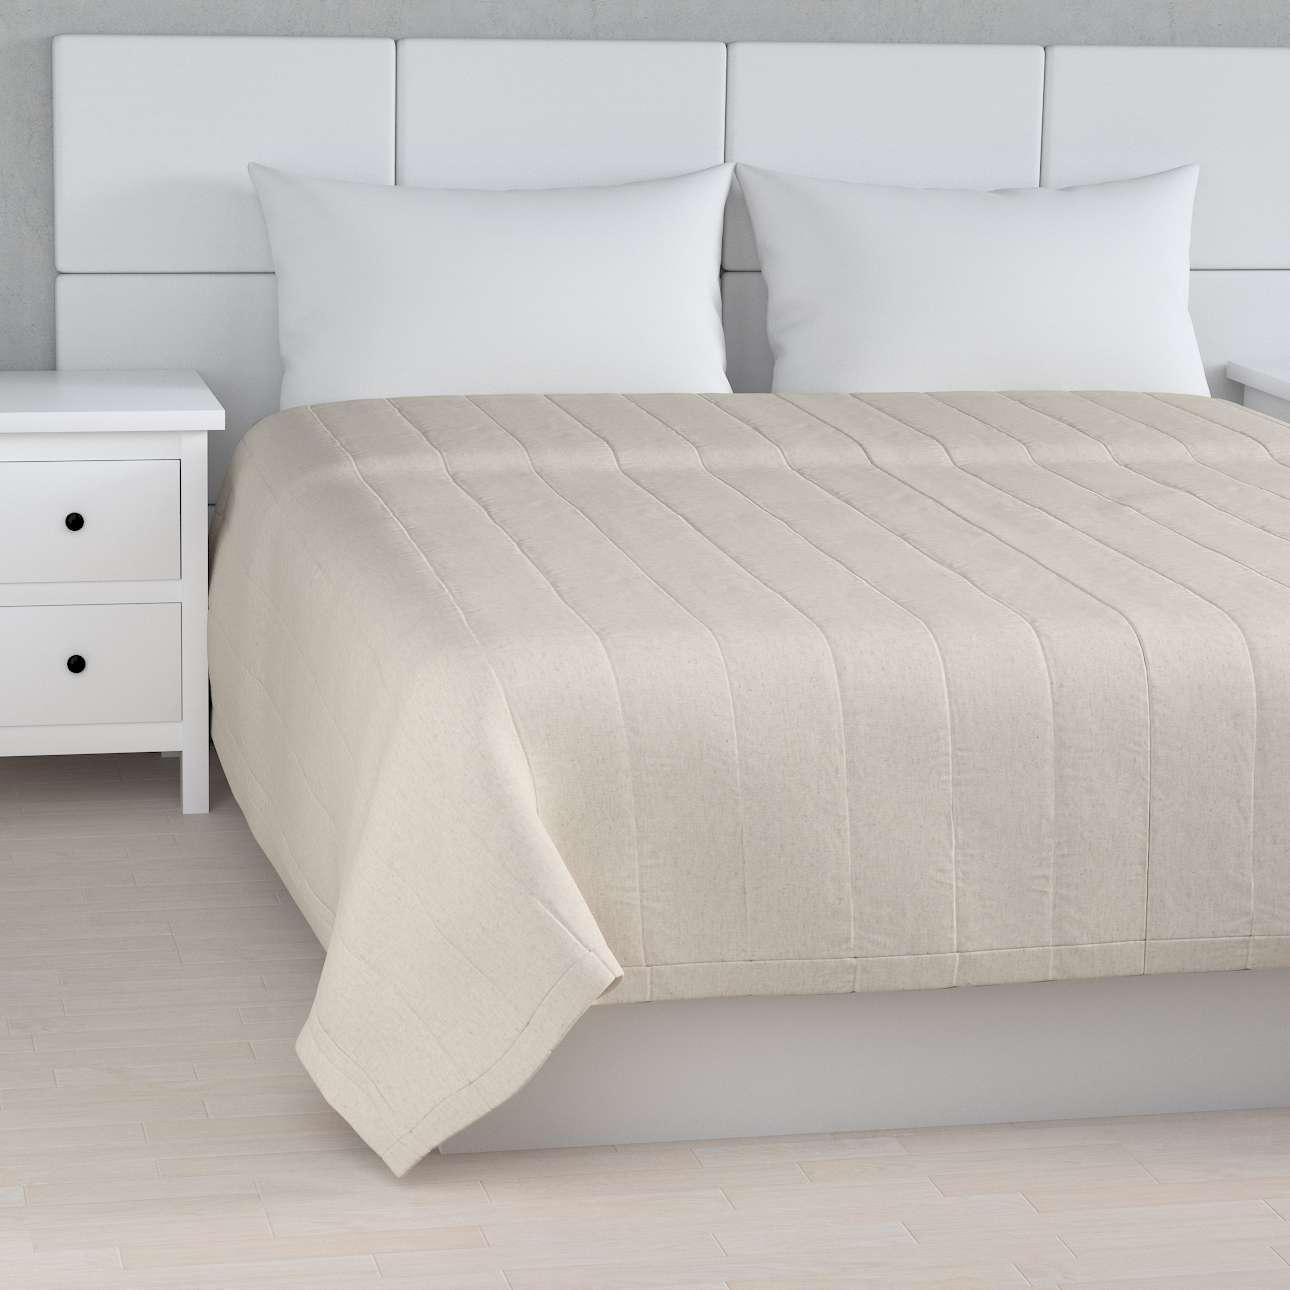 Tagesdecke mit Streifen-Steppung von der Kollektion Loneta, Stoff: 133-65